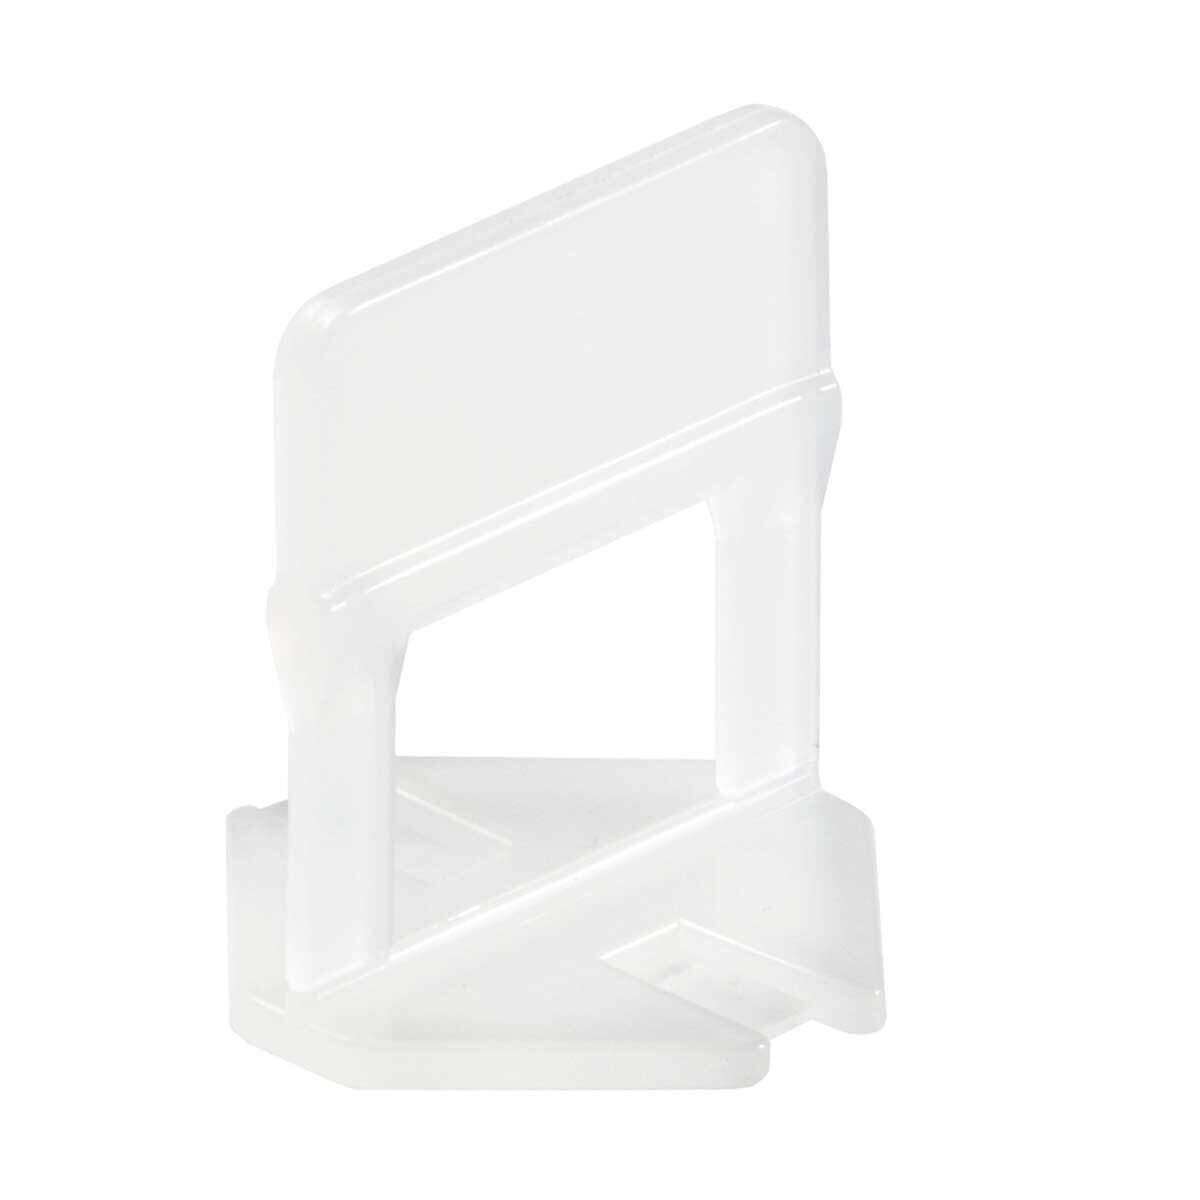 Raimondi Tile Leveling System 1/16 in. Regular Clear Clips